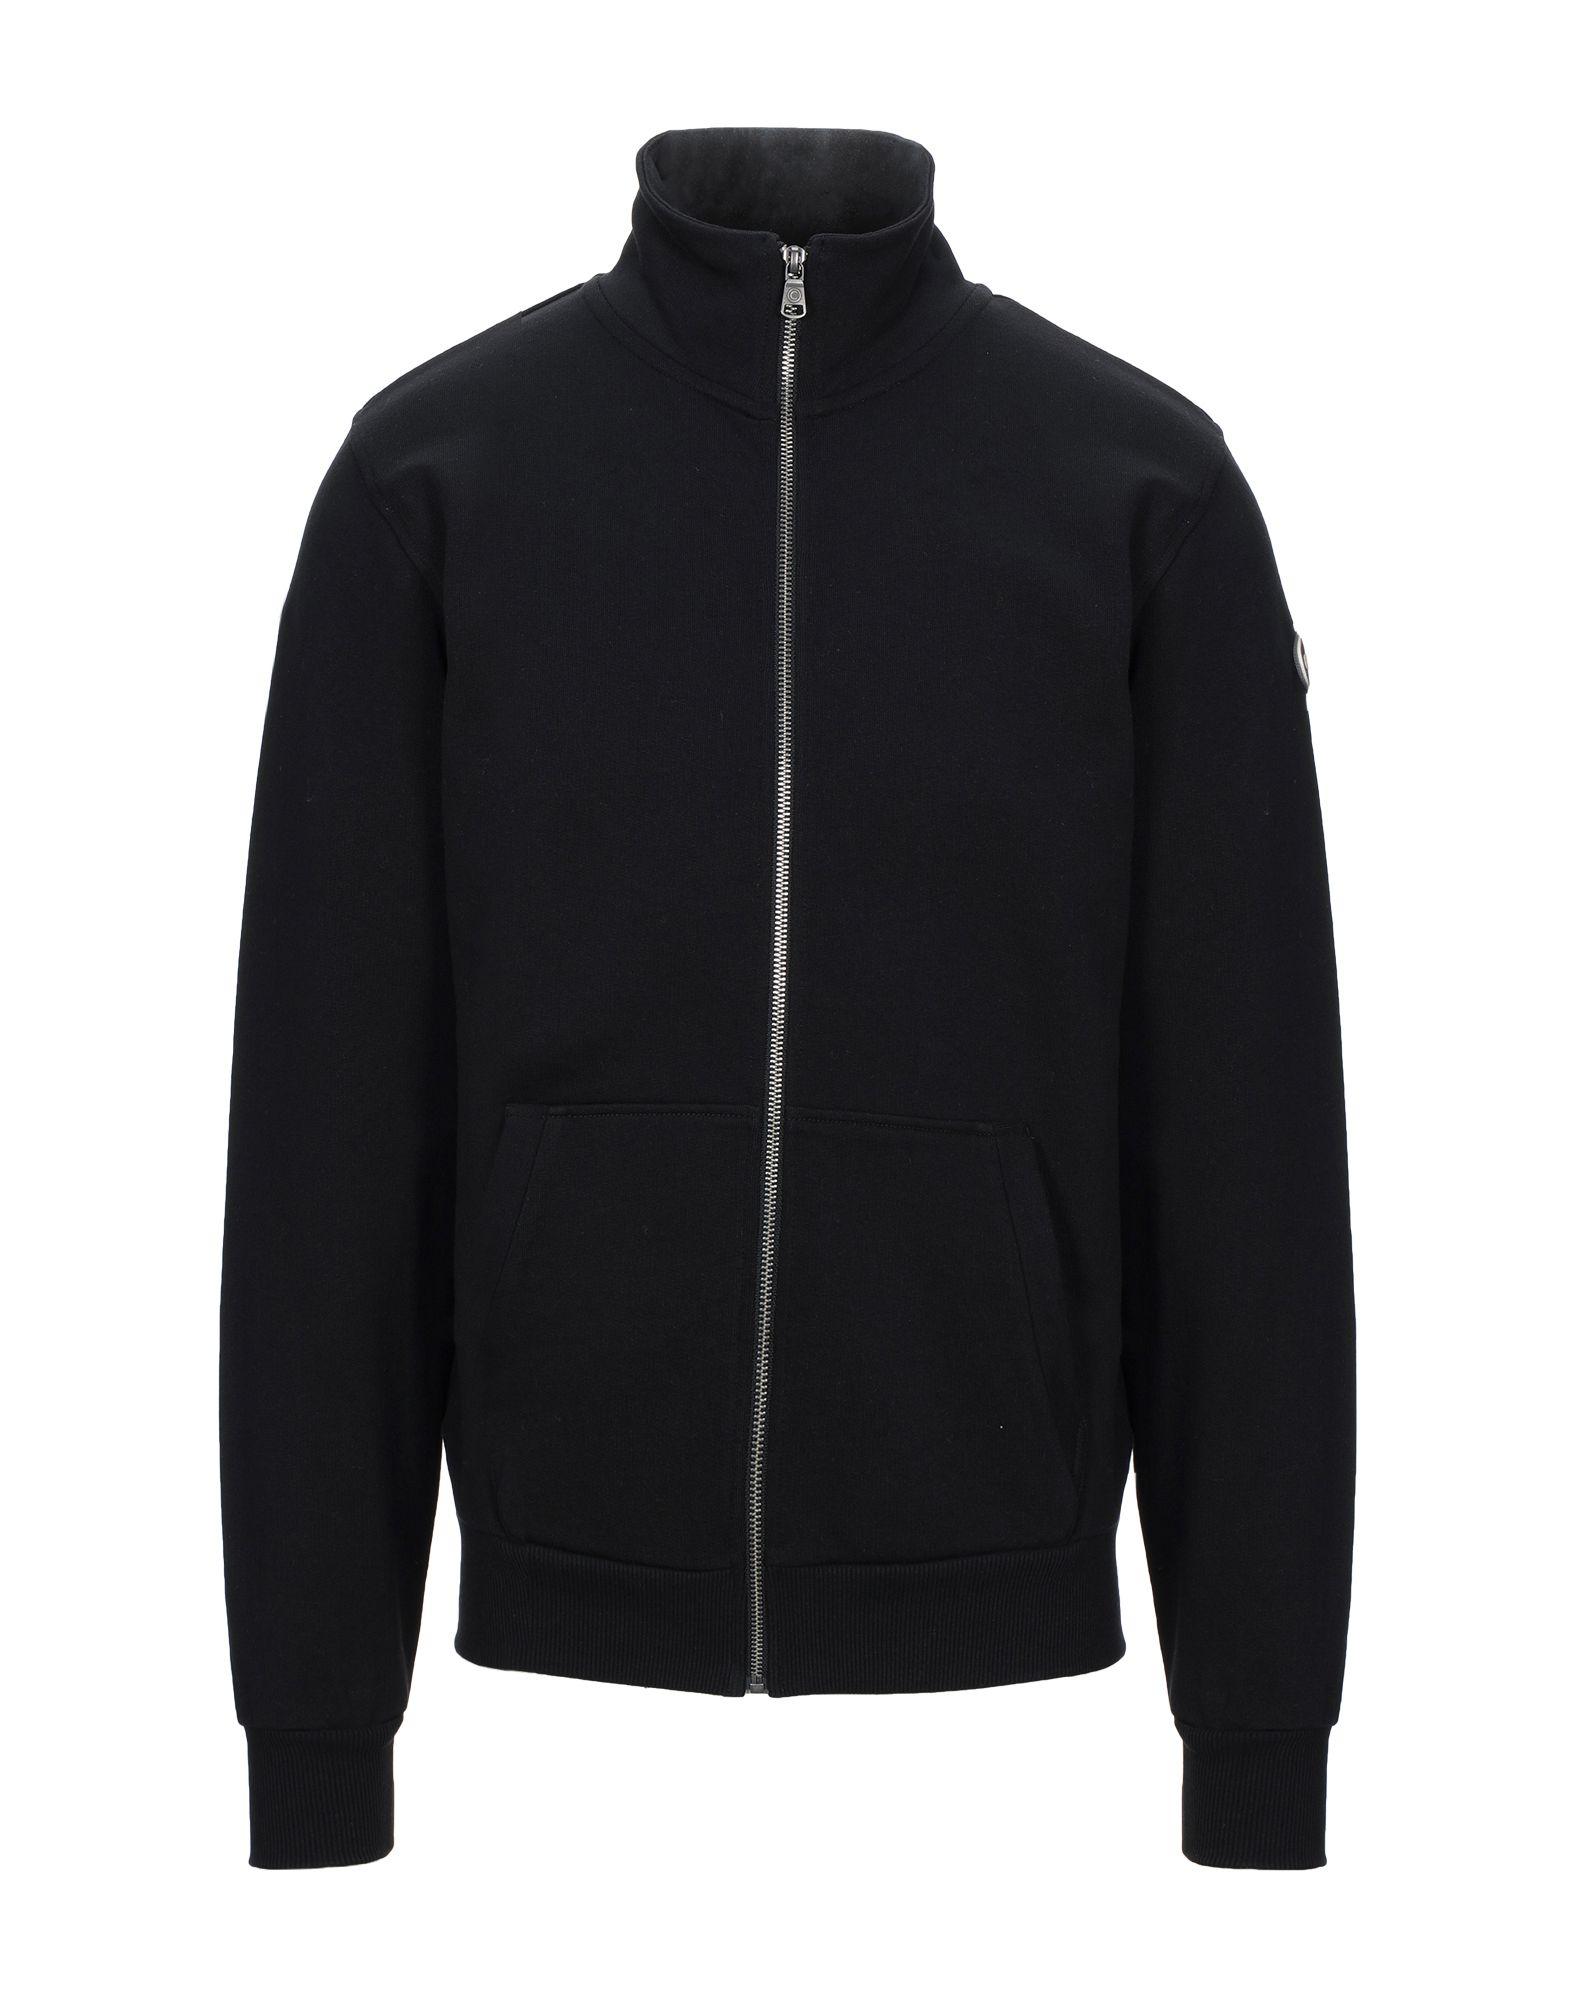 Colmar Originals Sweatshirt In Black